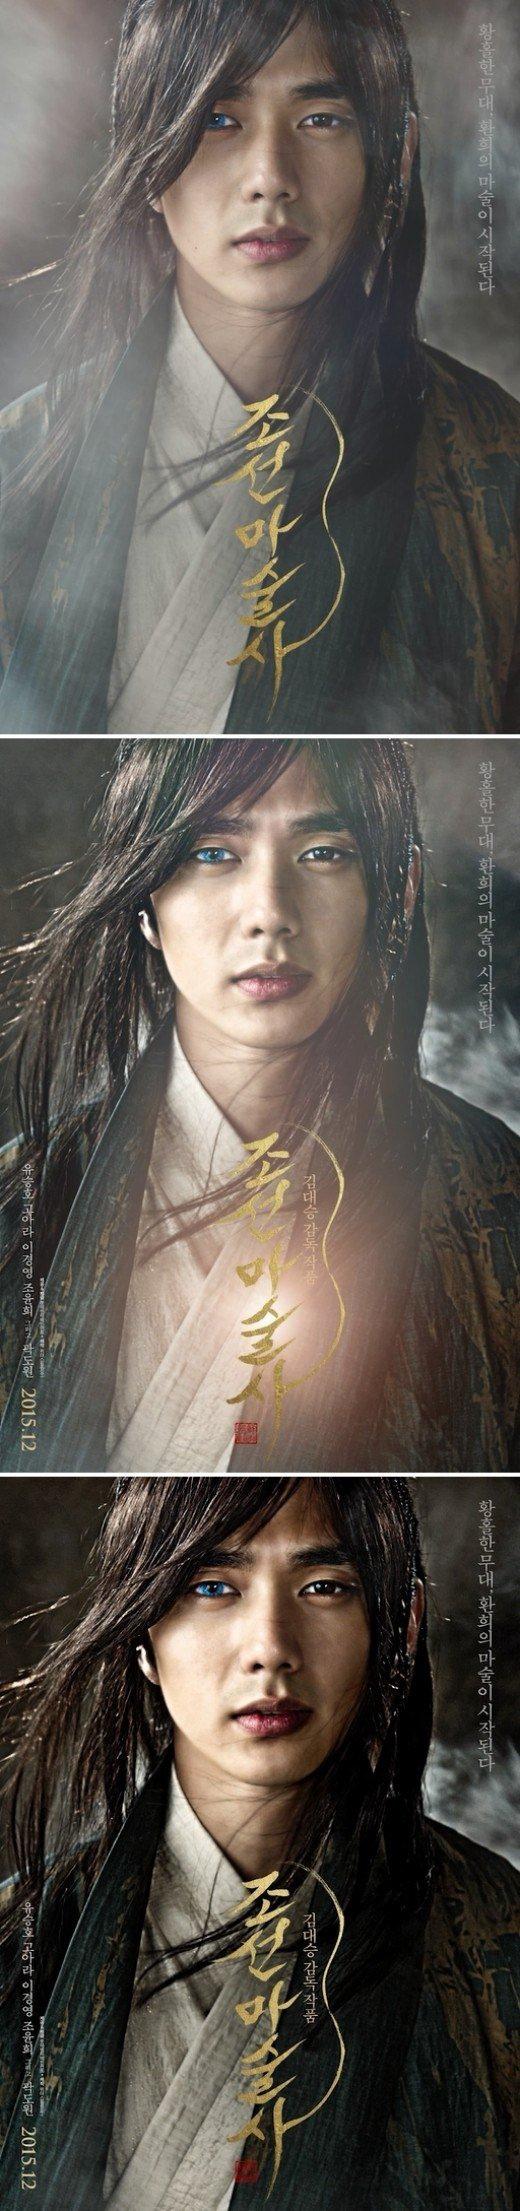 《朝鮮魔術師》曝動態海報 俞承豪清風拂發驚現藍色魅眼